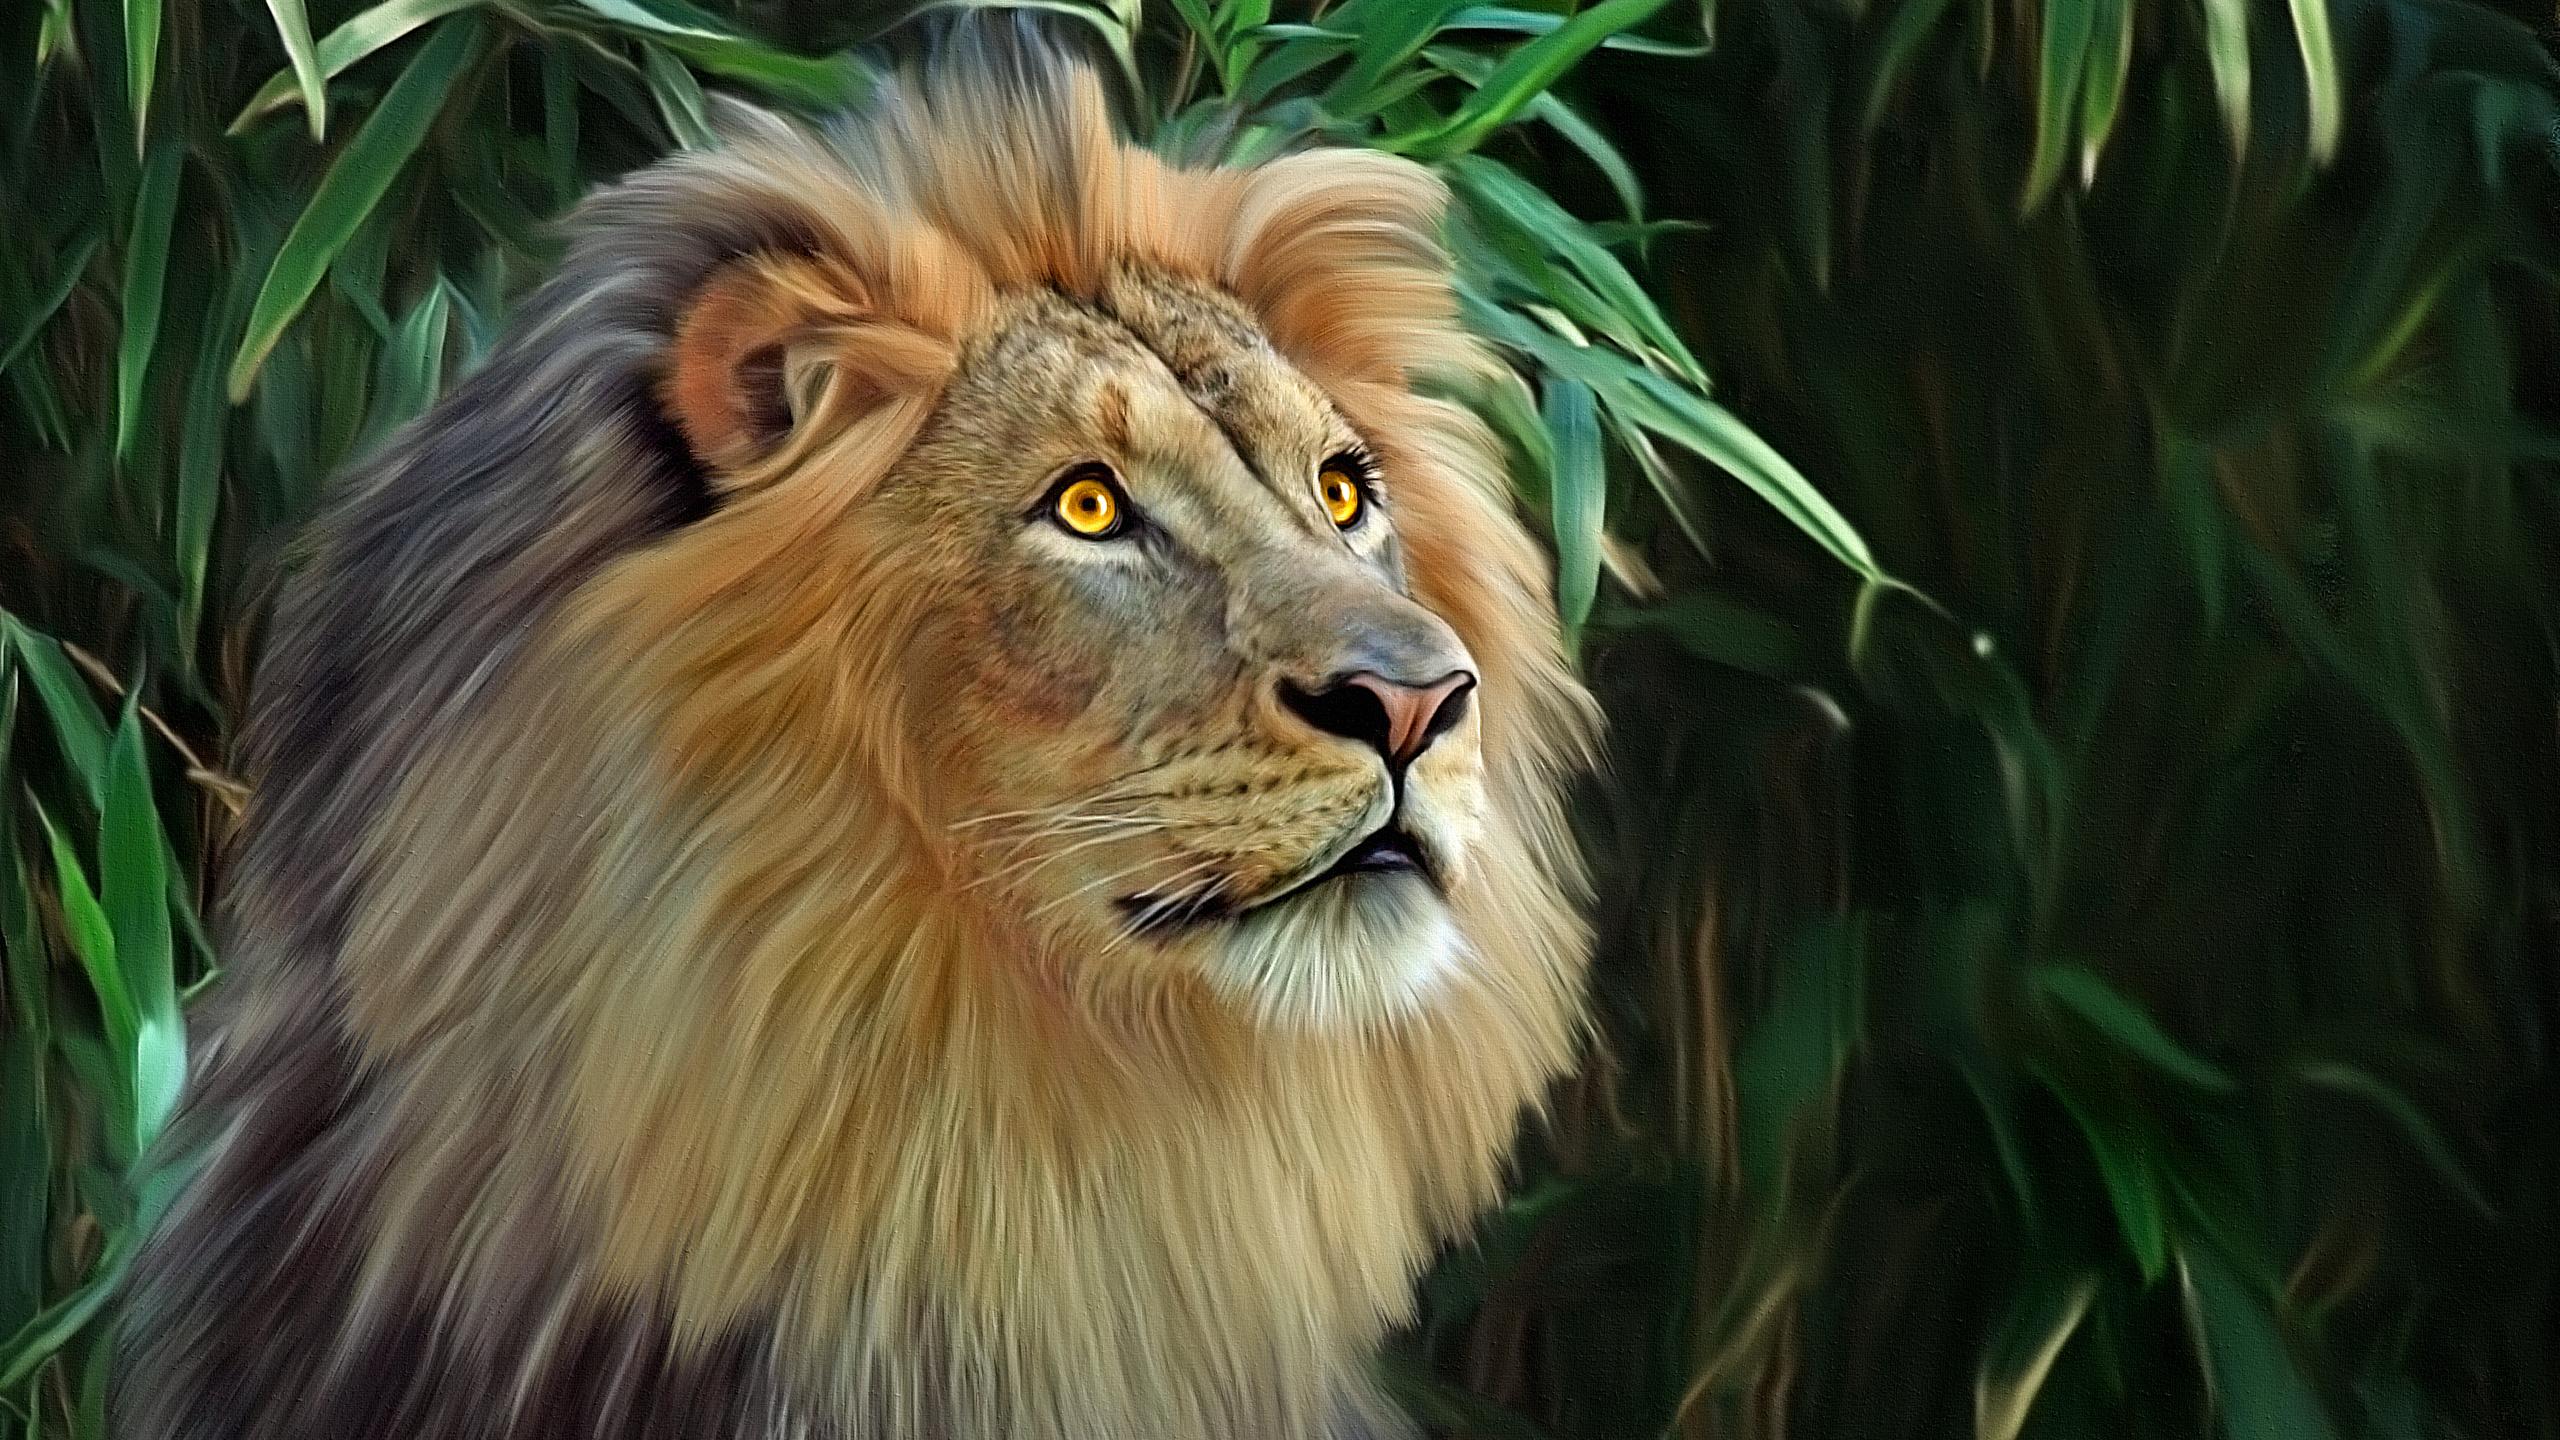 Fonds Decran 2560x1440 Lions Fauve Animaux Télécharger Photo